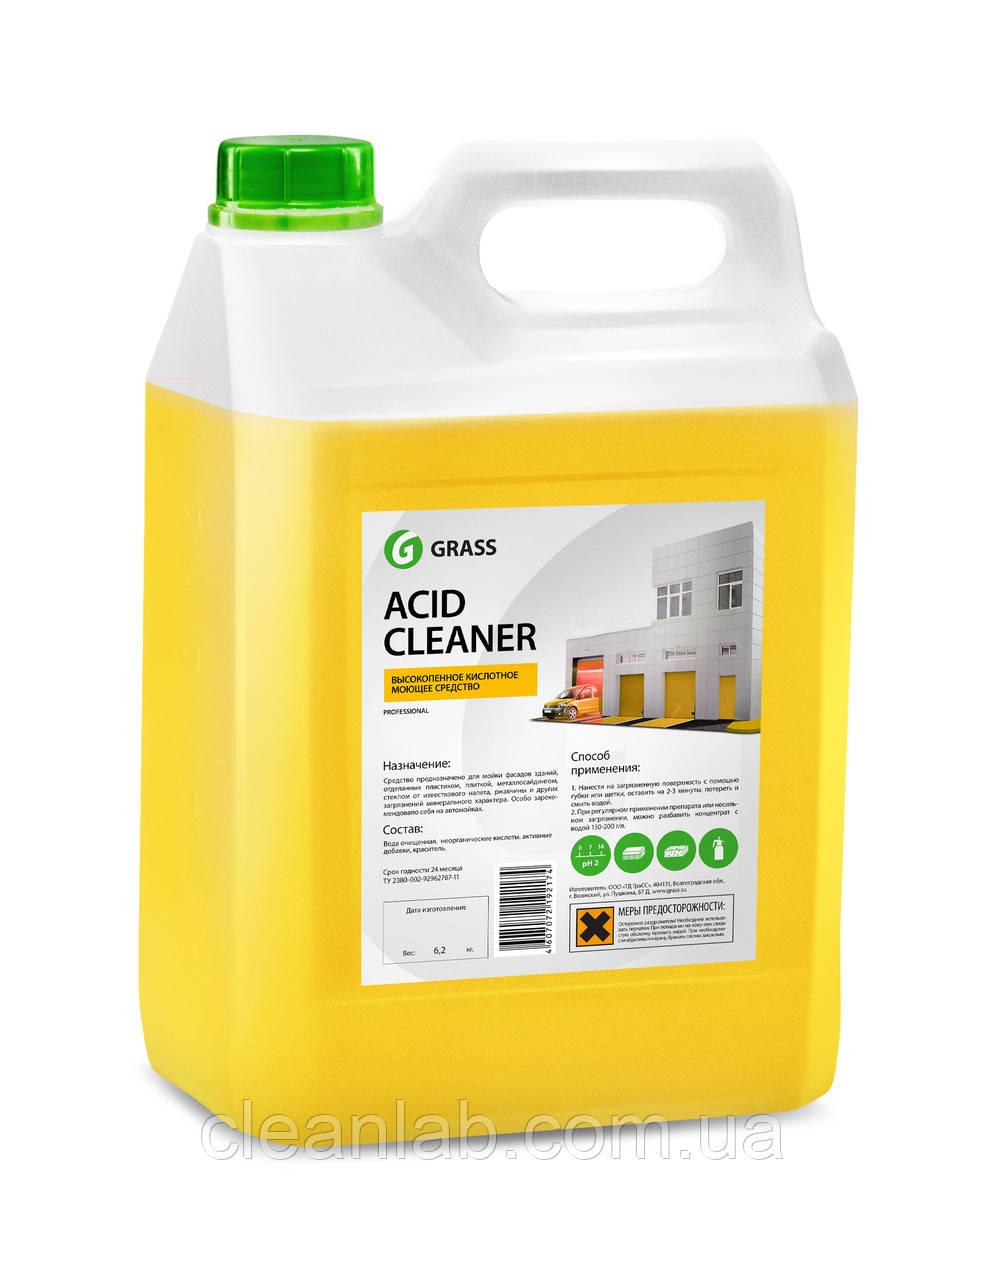 Моющее средство Grass  «Acid Cleaner» 5,9 кг.